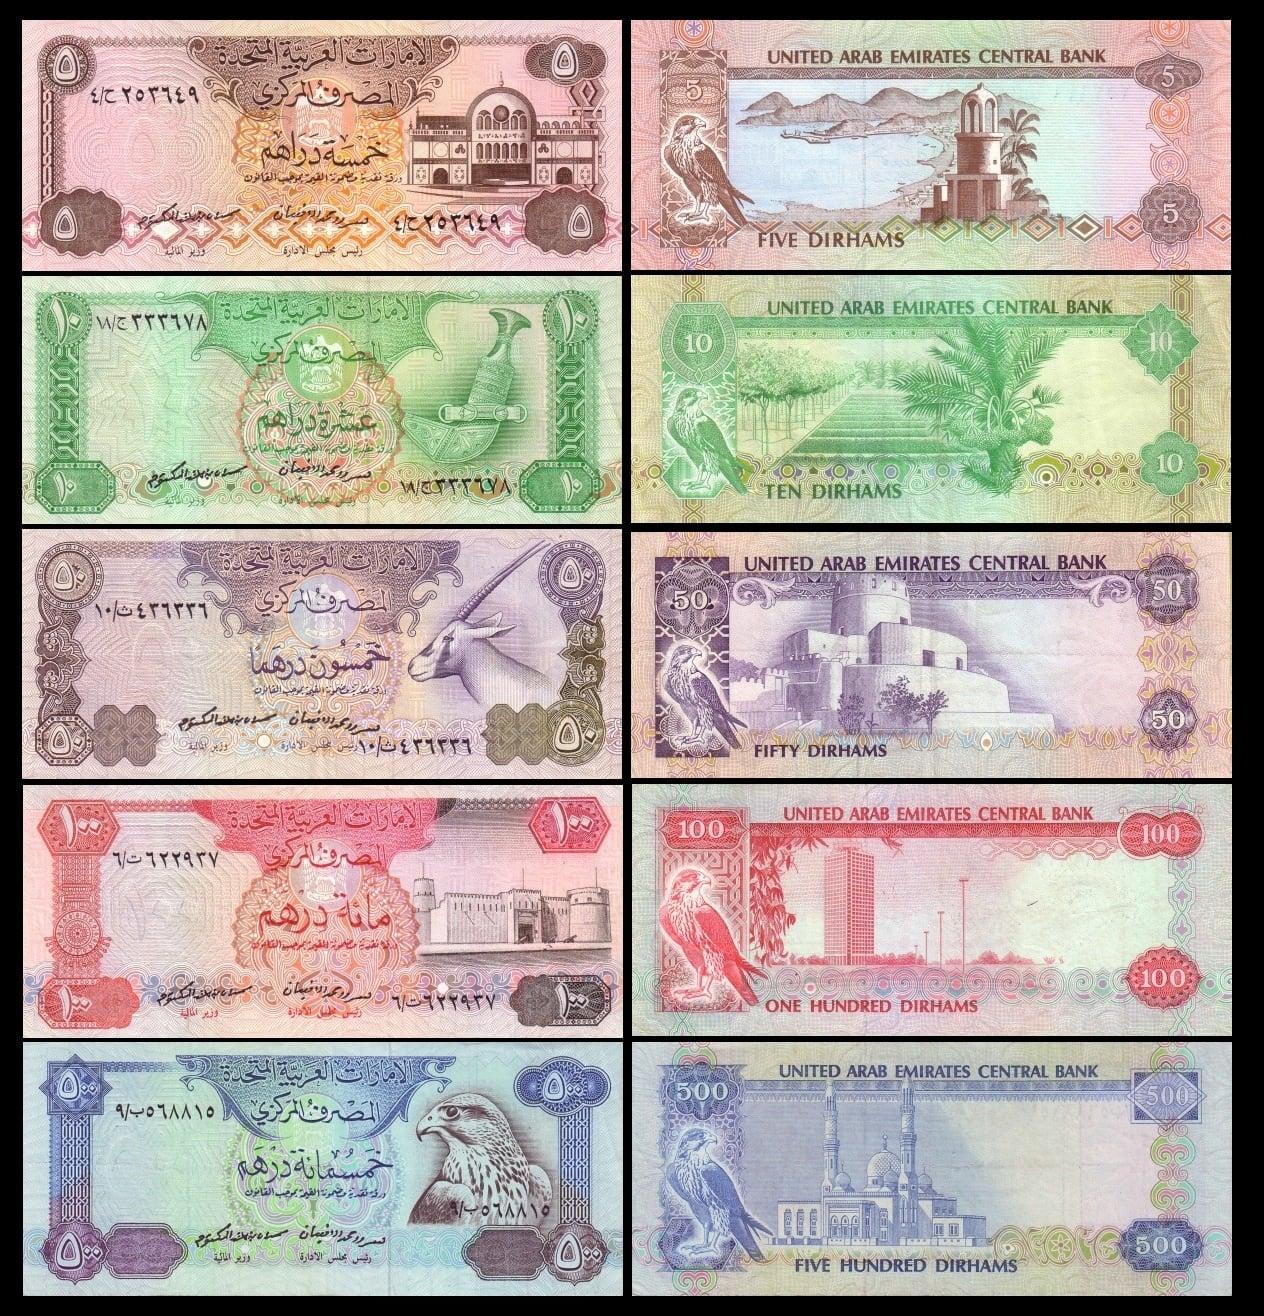 Uae Dirham 50 UAE Dirham Cele...